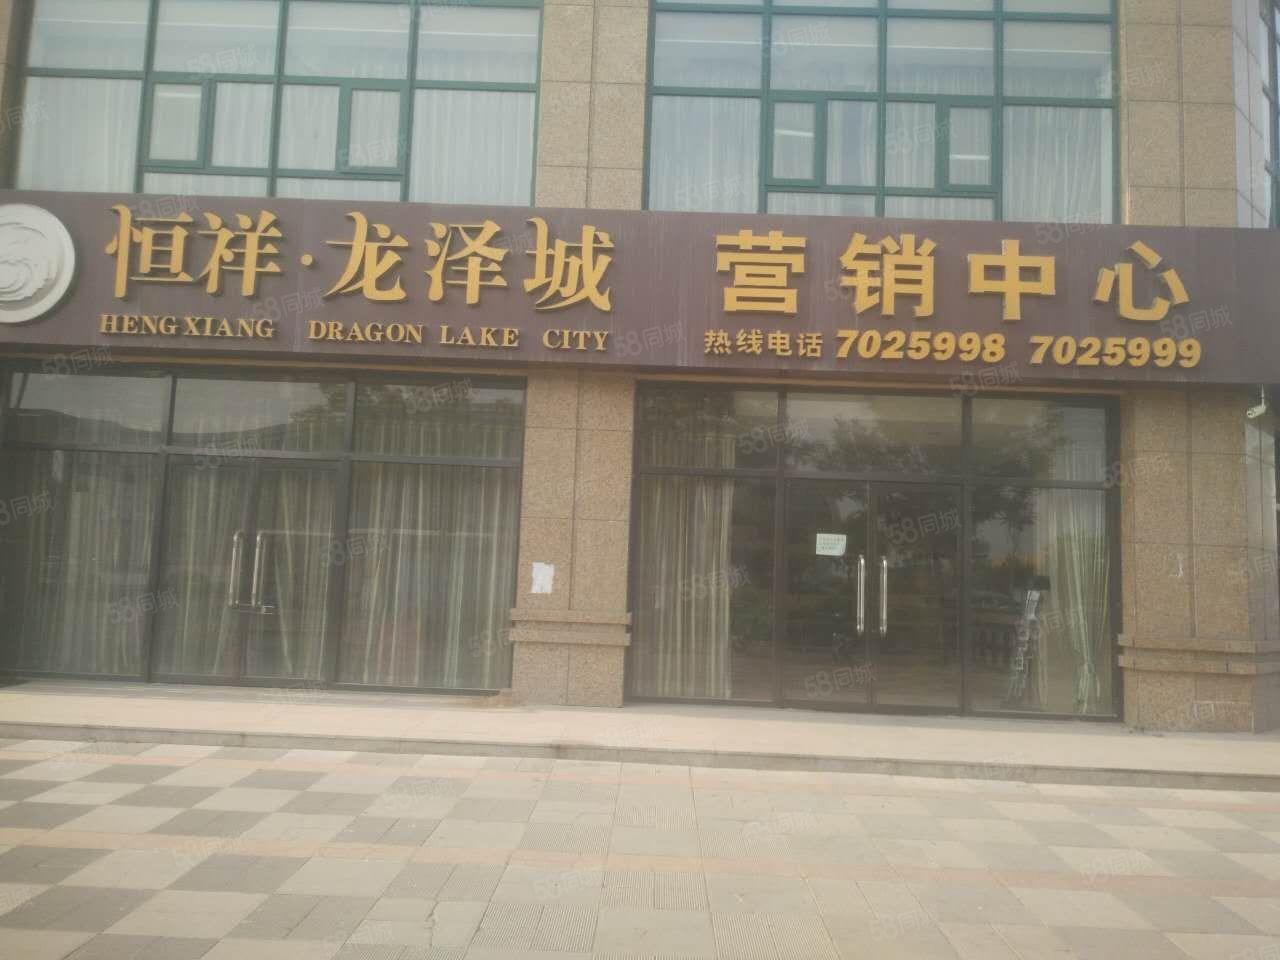 秦皇岛卢龙县恒祥地产.龙泽城小区(售楼处)火爆销售中!!!